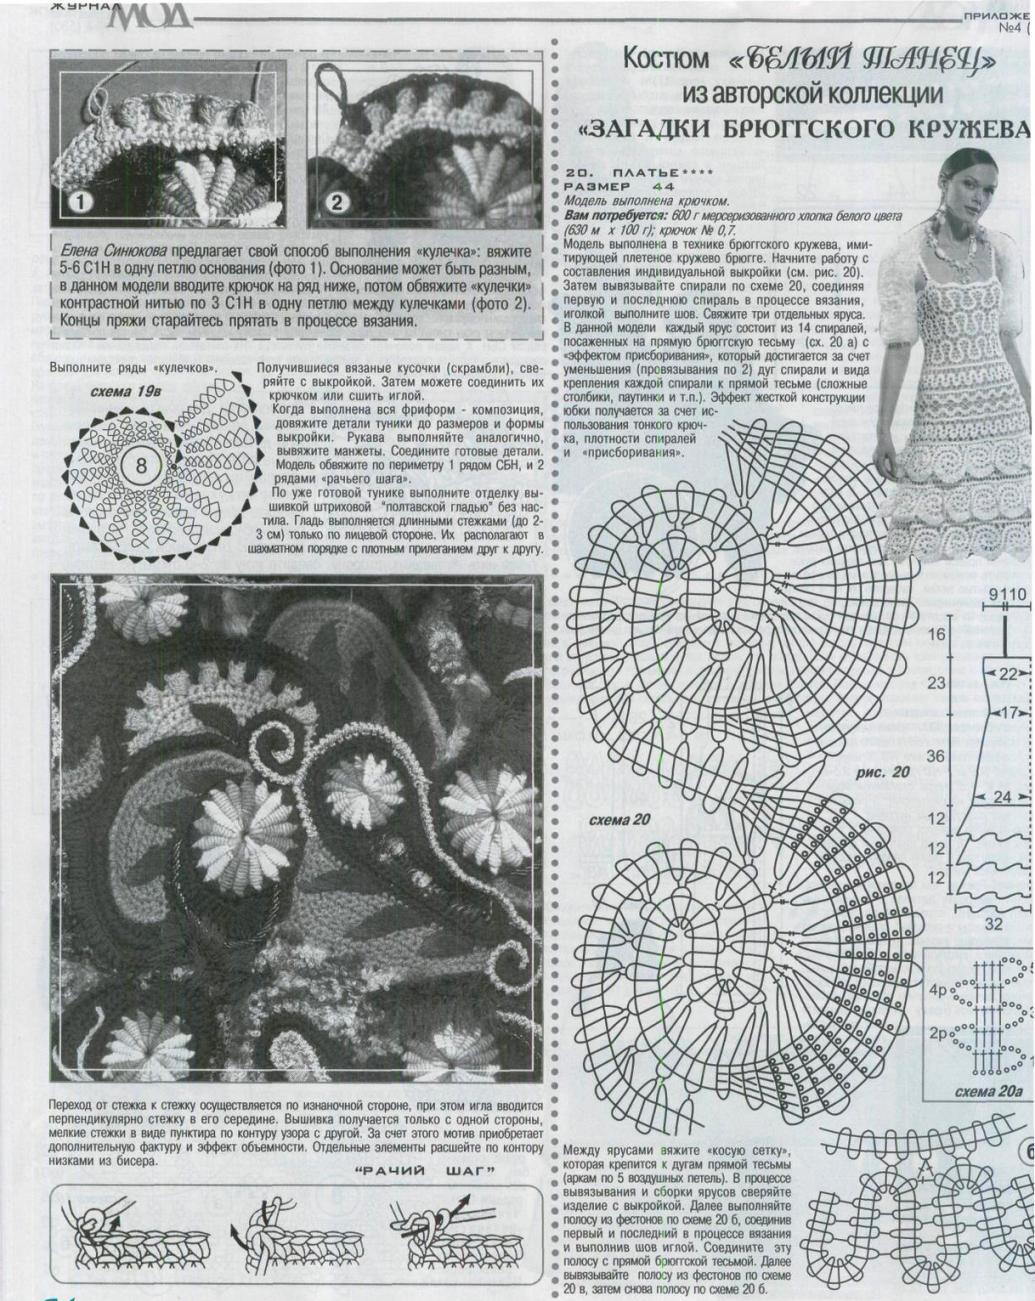 精美爱尔兰婚纱礼服(2) - 柳芯飘雪 - 柳芯飘雪的博客